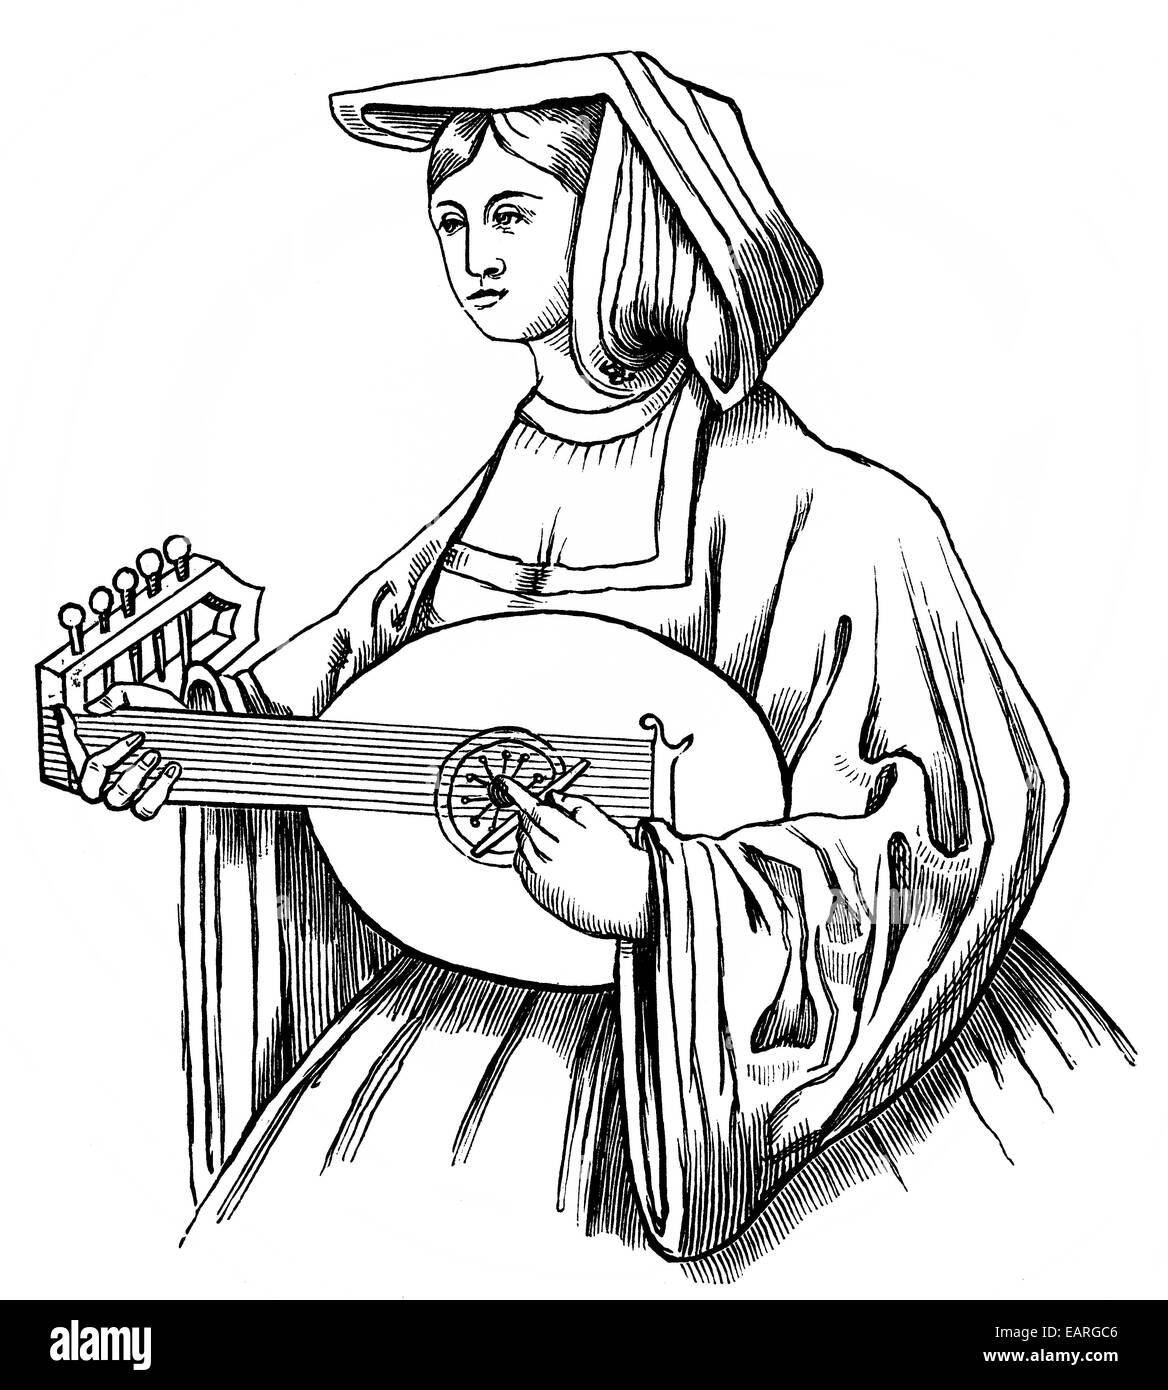 Lautenspieler mit einem Plektrum, 16. Jahrhundert, Lautenspielerin Mit Einem Plektrum Oder Plektrum, 16. Halbmonatsschrift Stockbild